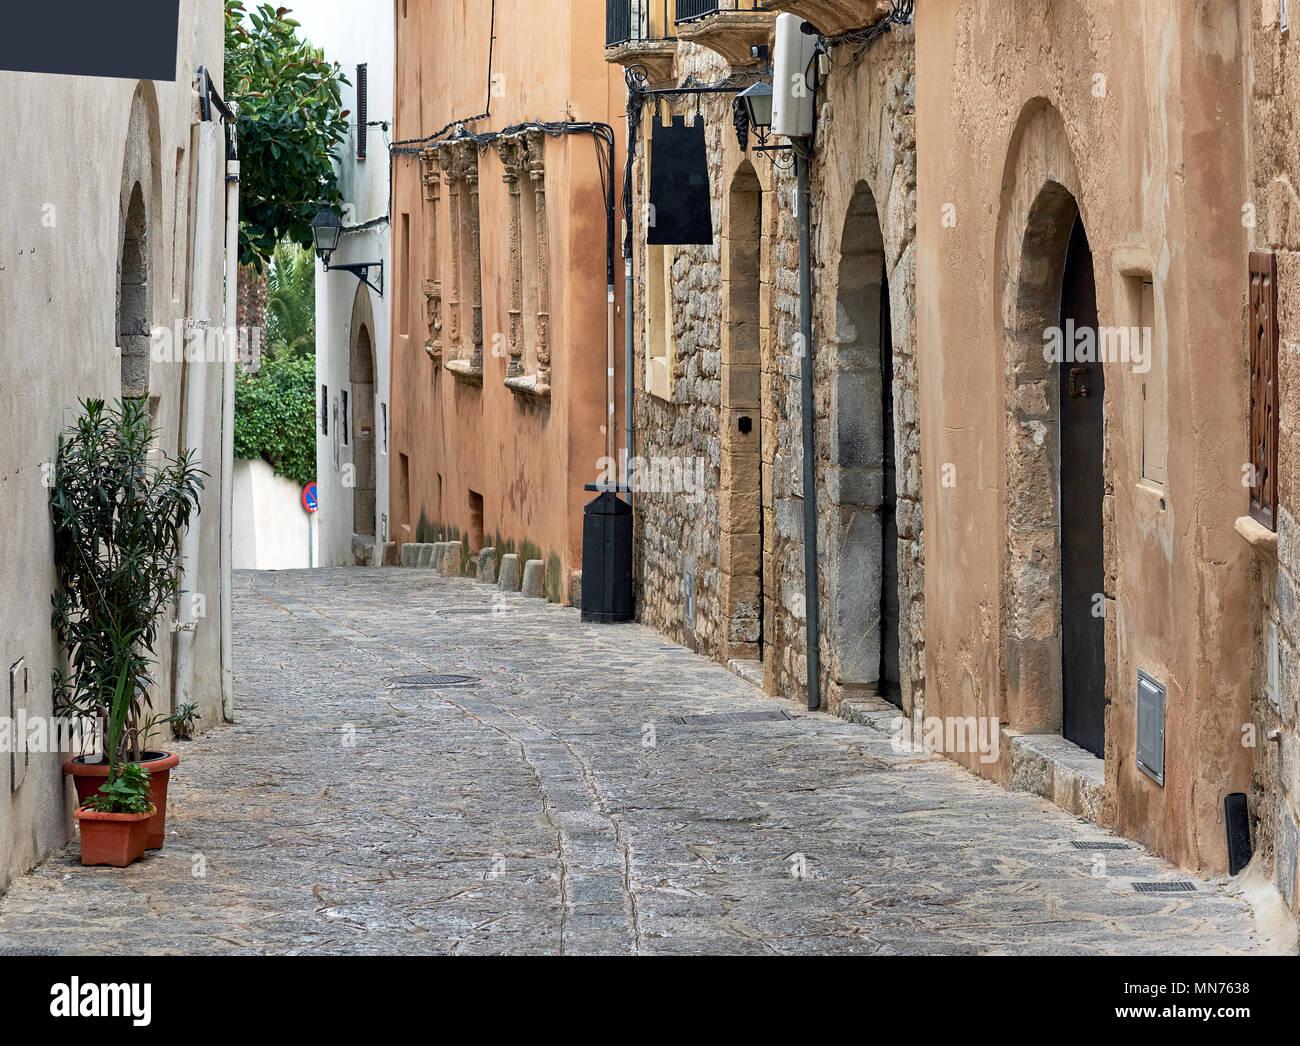 Vuoto affascinante strada di ciottoli della città vecchia di Ibiza (Ibiza), isole Baleari. Spagna Immagini Stock